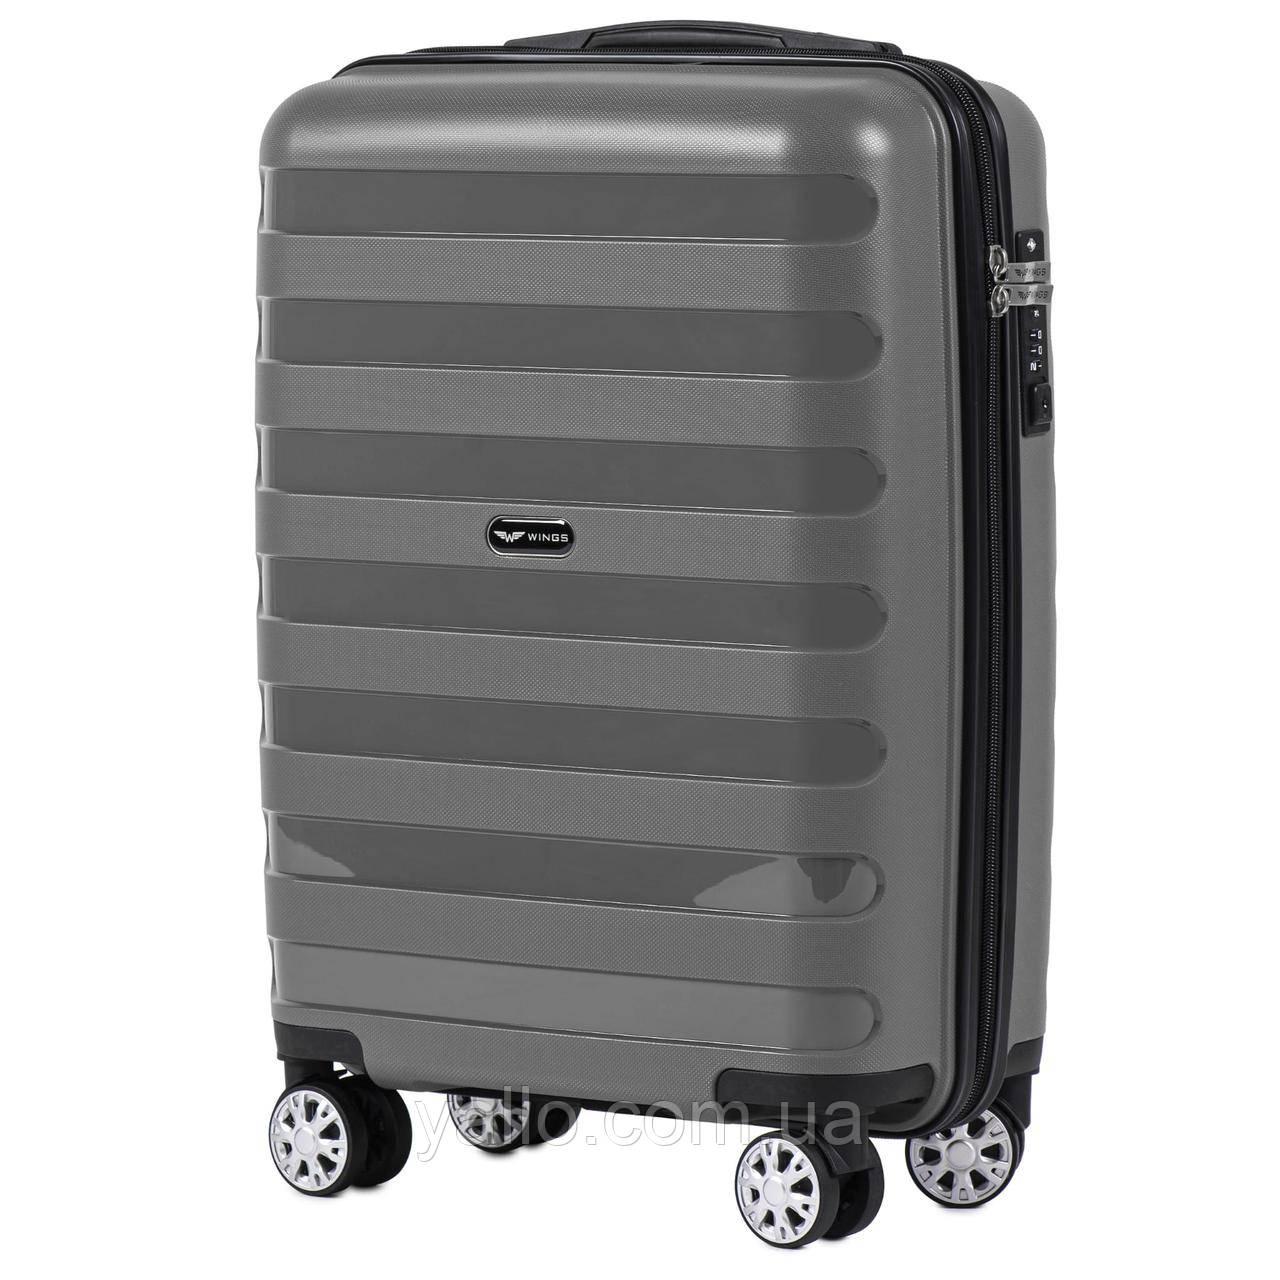 Малий валізу для ручної поклажі з поліпропілену WINGS PP07 S GREY.